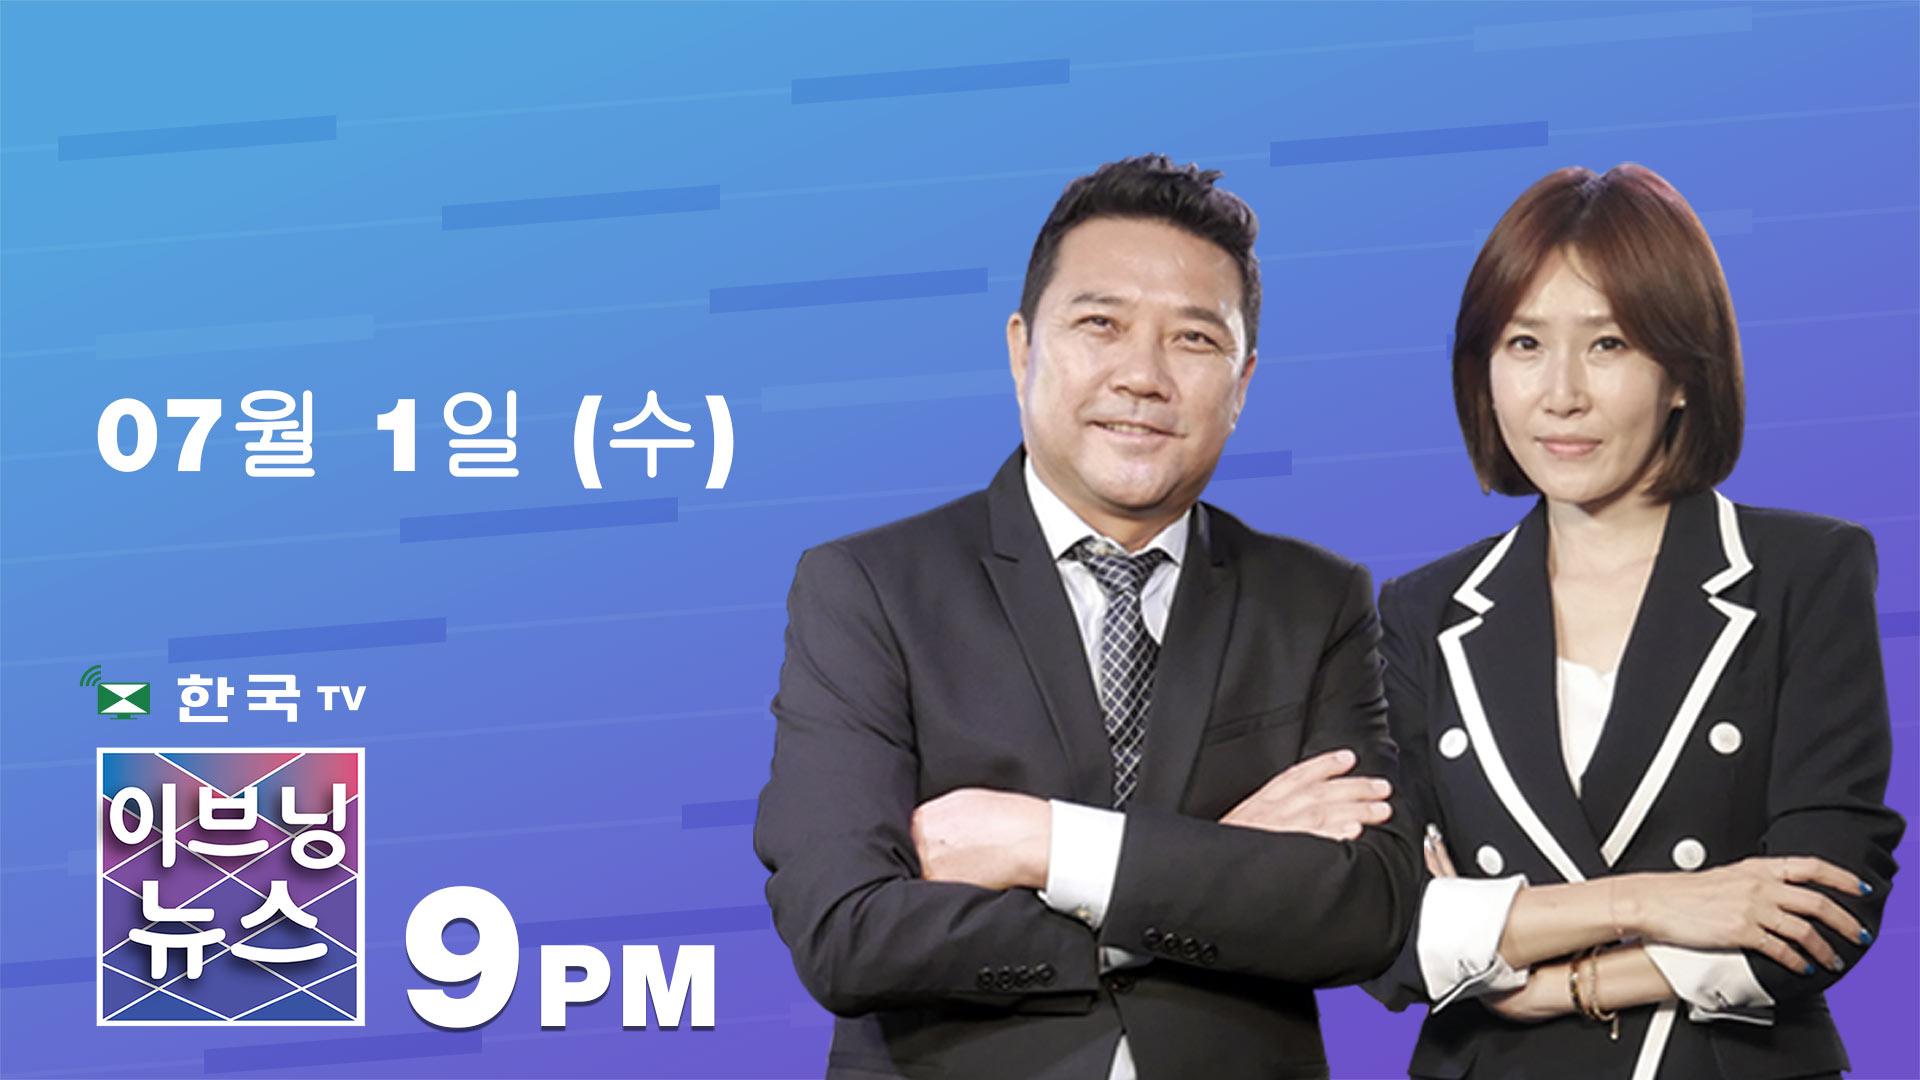 (07.01.2020) 한국TV 이브닝 뉴스